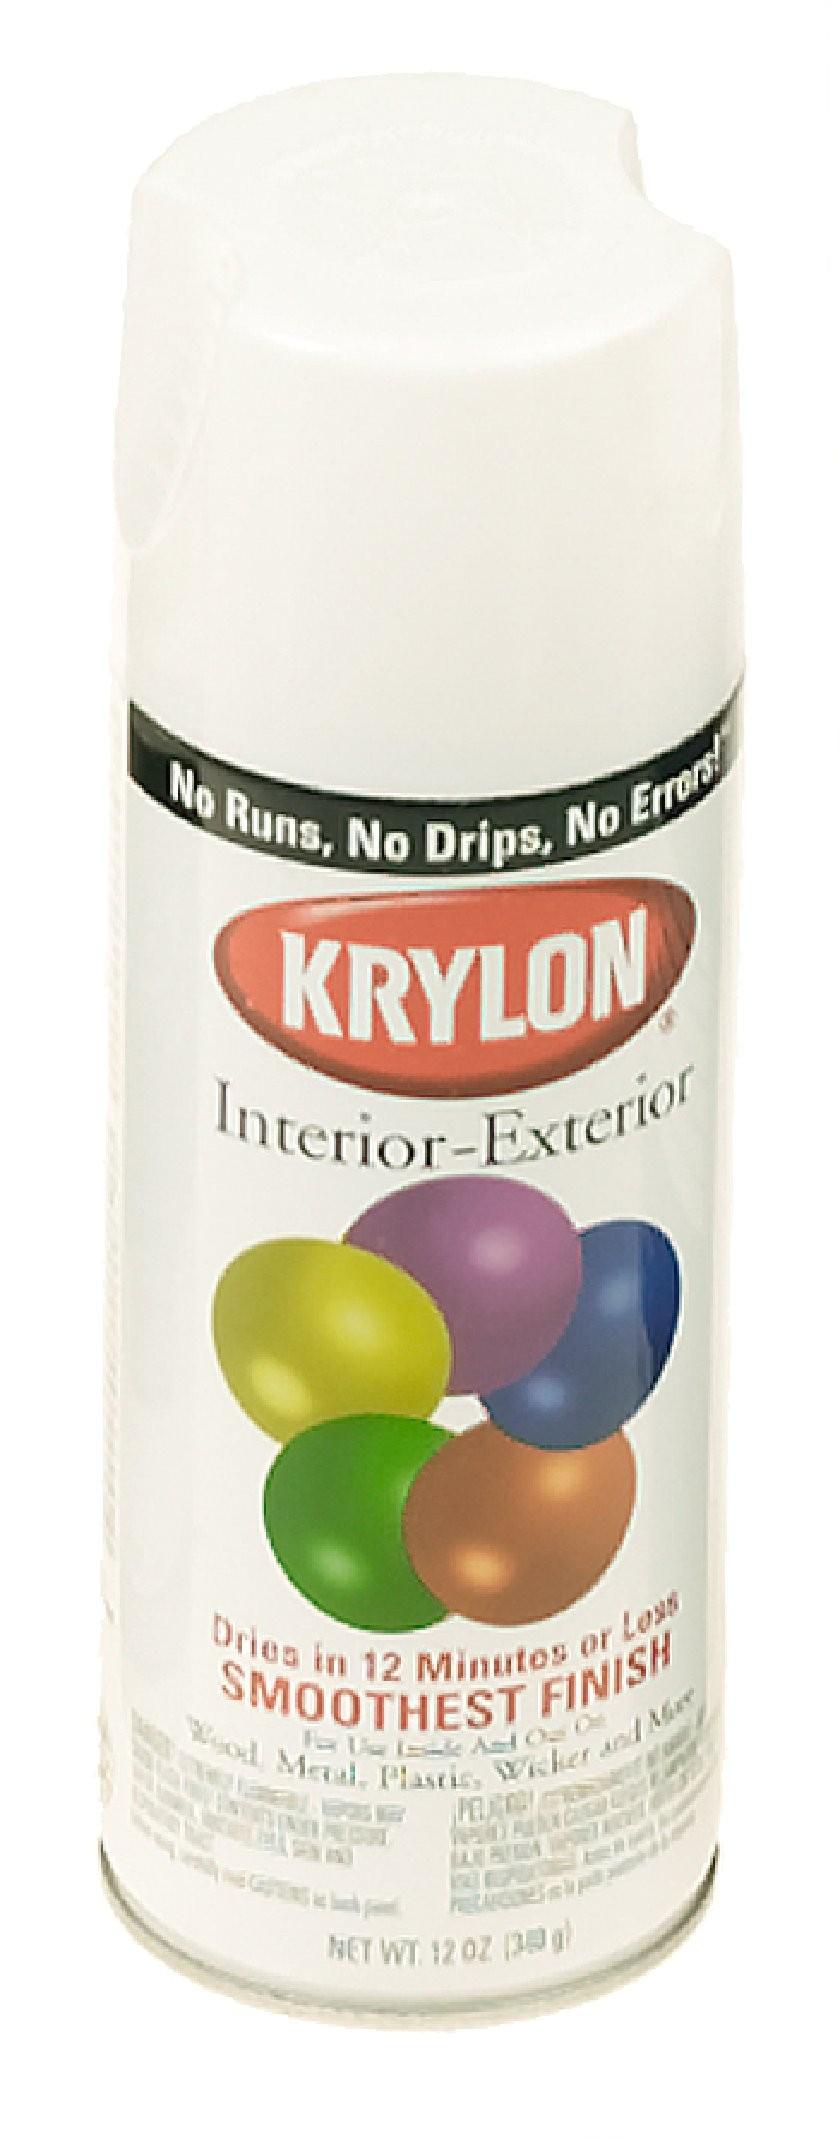 KRYLON Spray Paint - Glossy - White